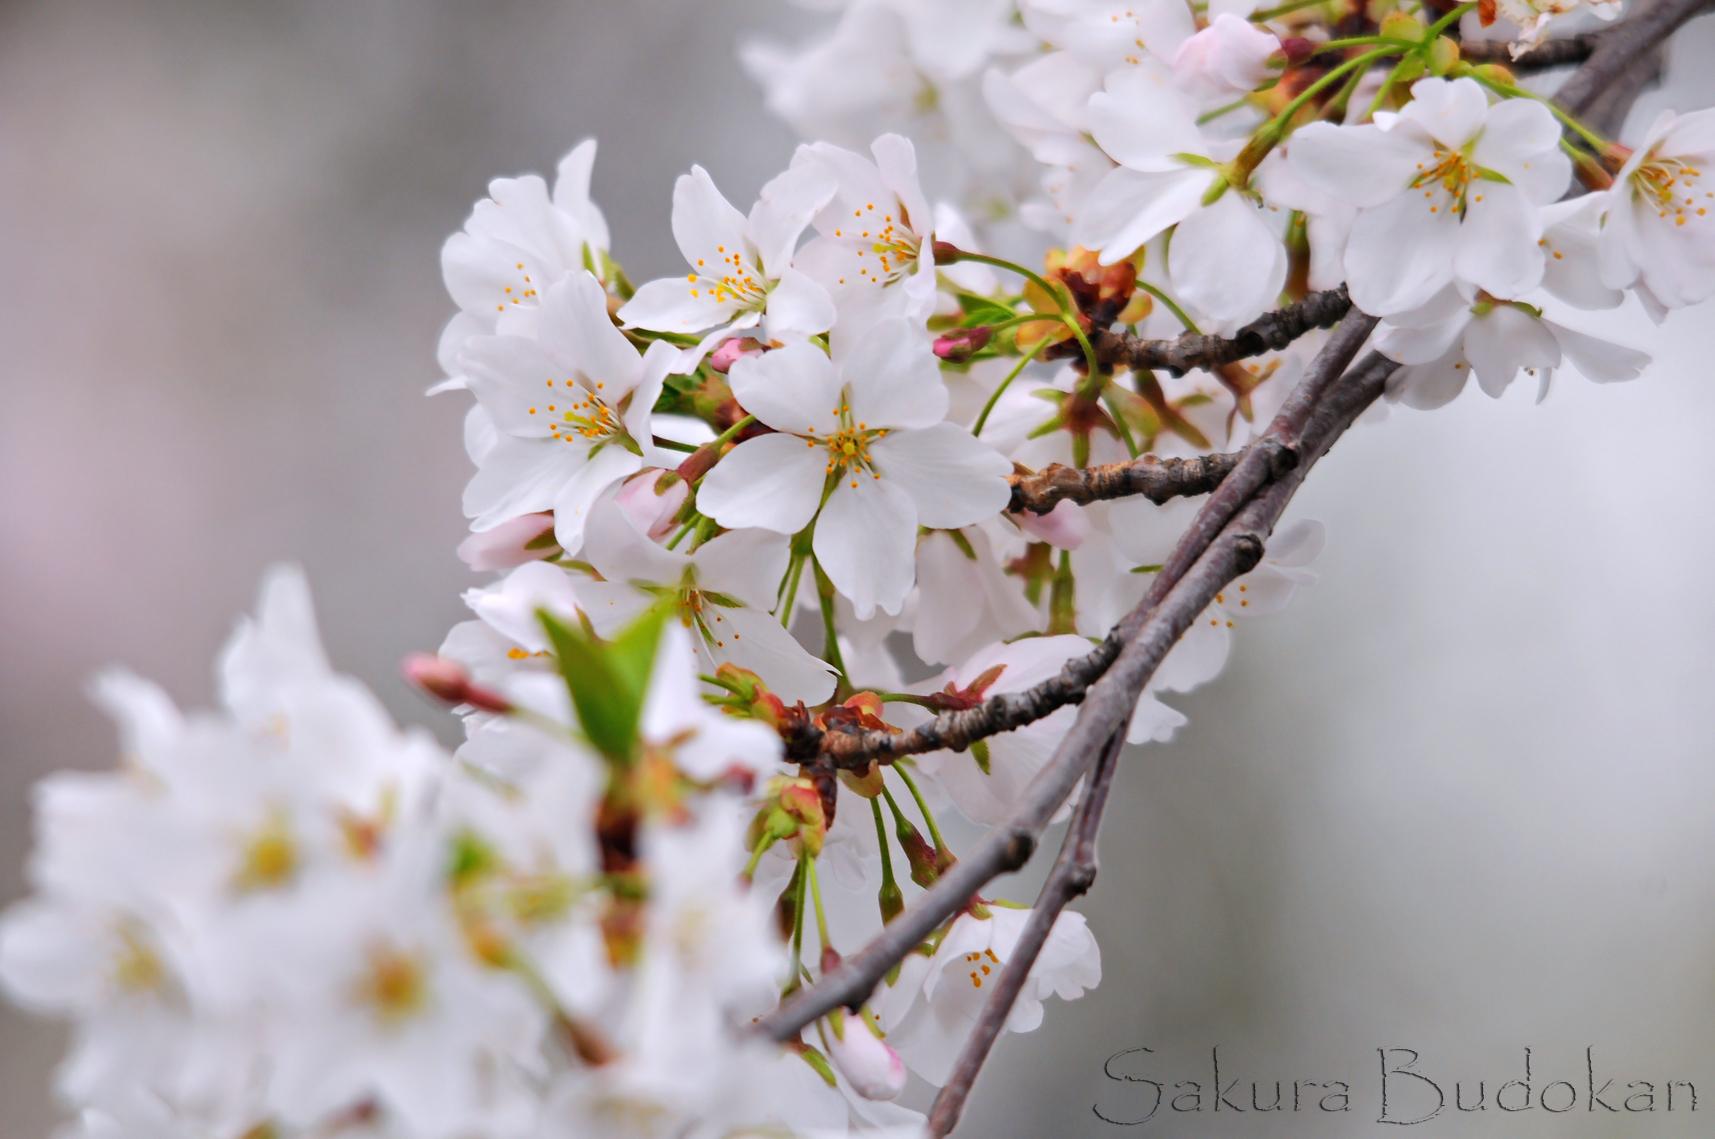 Sakura Budokan Tradition Martial Arts Instruction